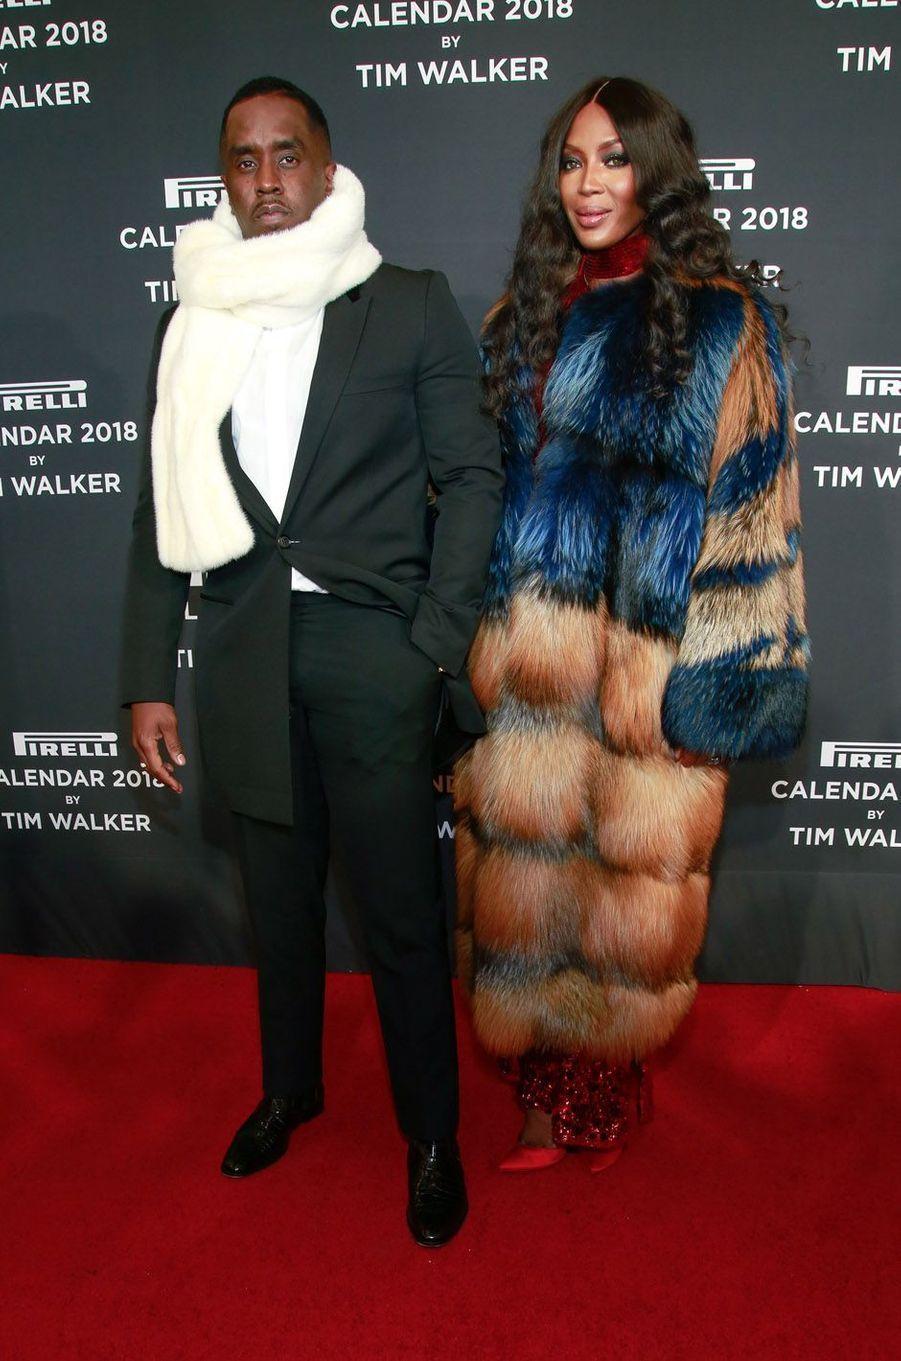 Naomi Campbell et Diddy à la soirée de lancement du calendrier Pirelli 2018, le 10 novembre 2017 à New York.